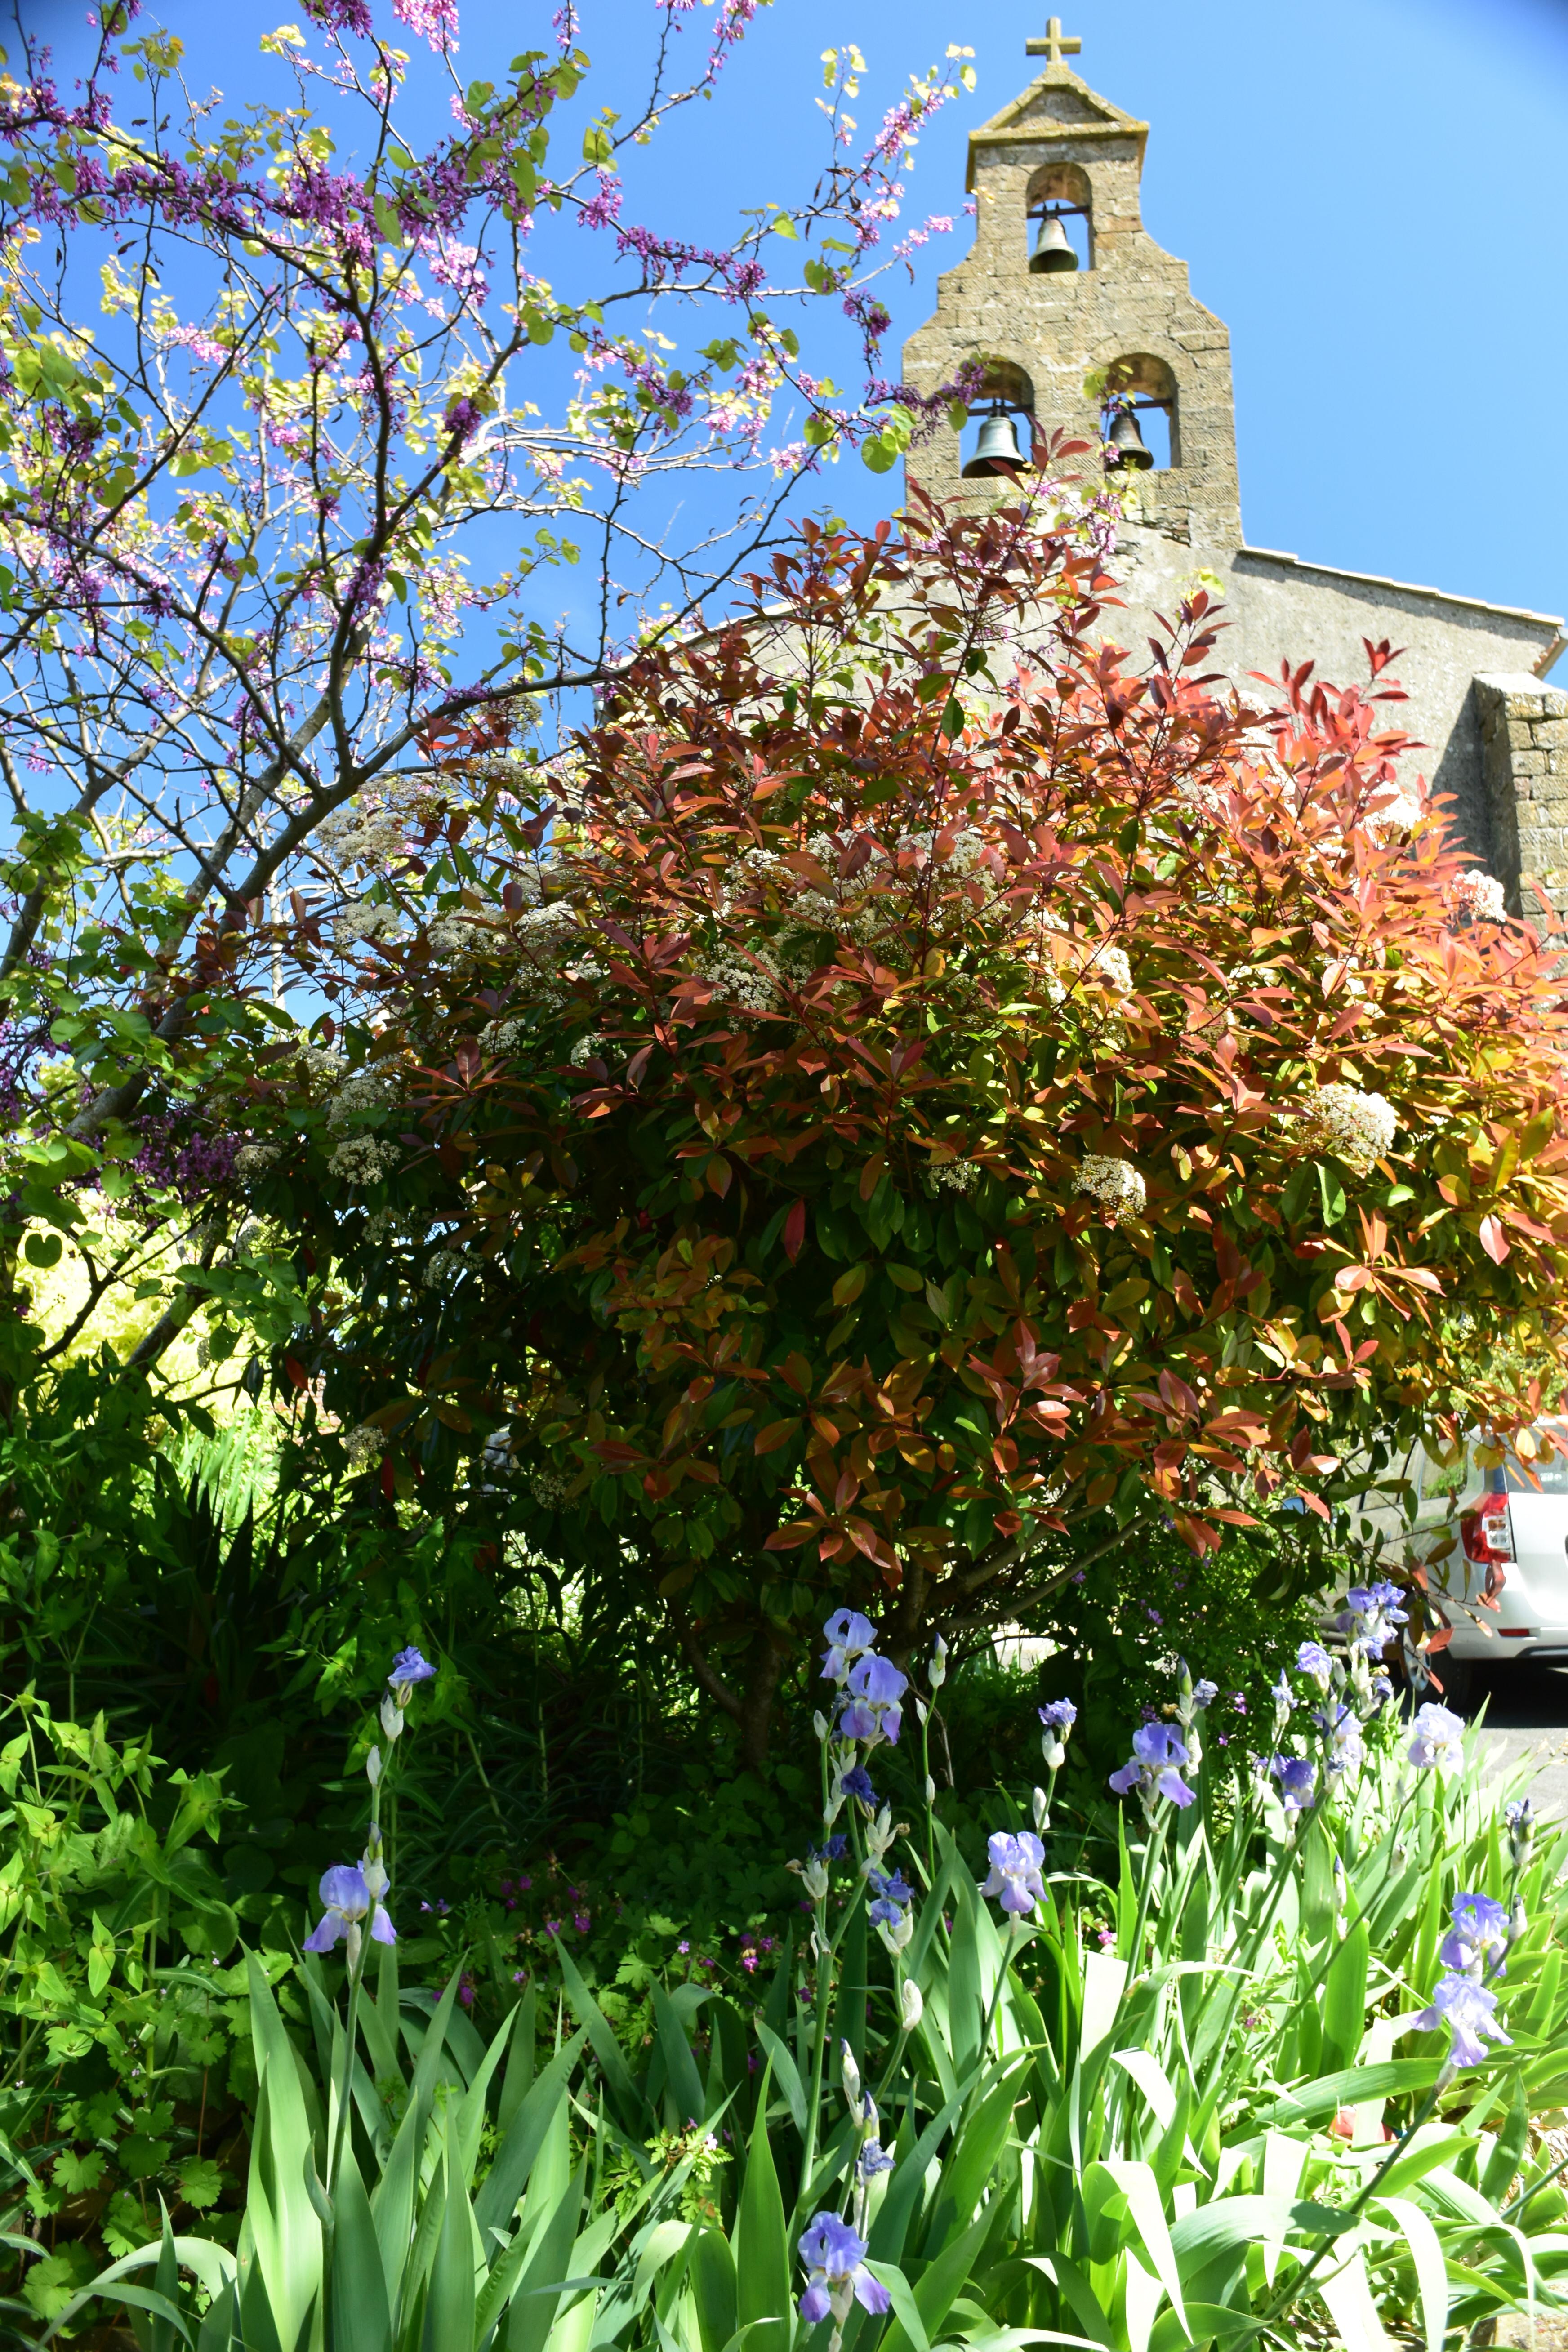 Tree in bloom near Mirepoix